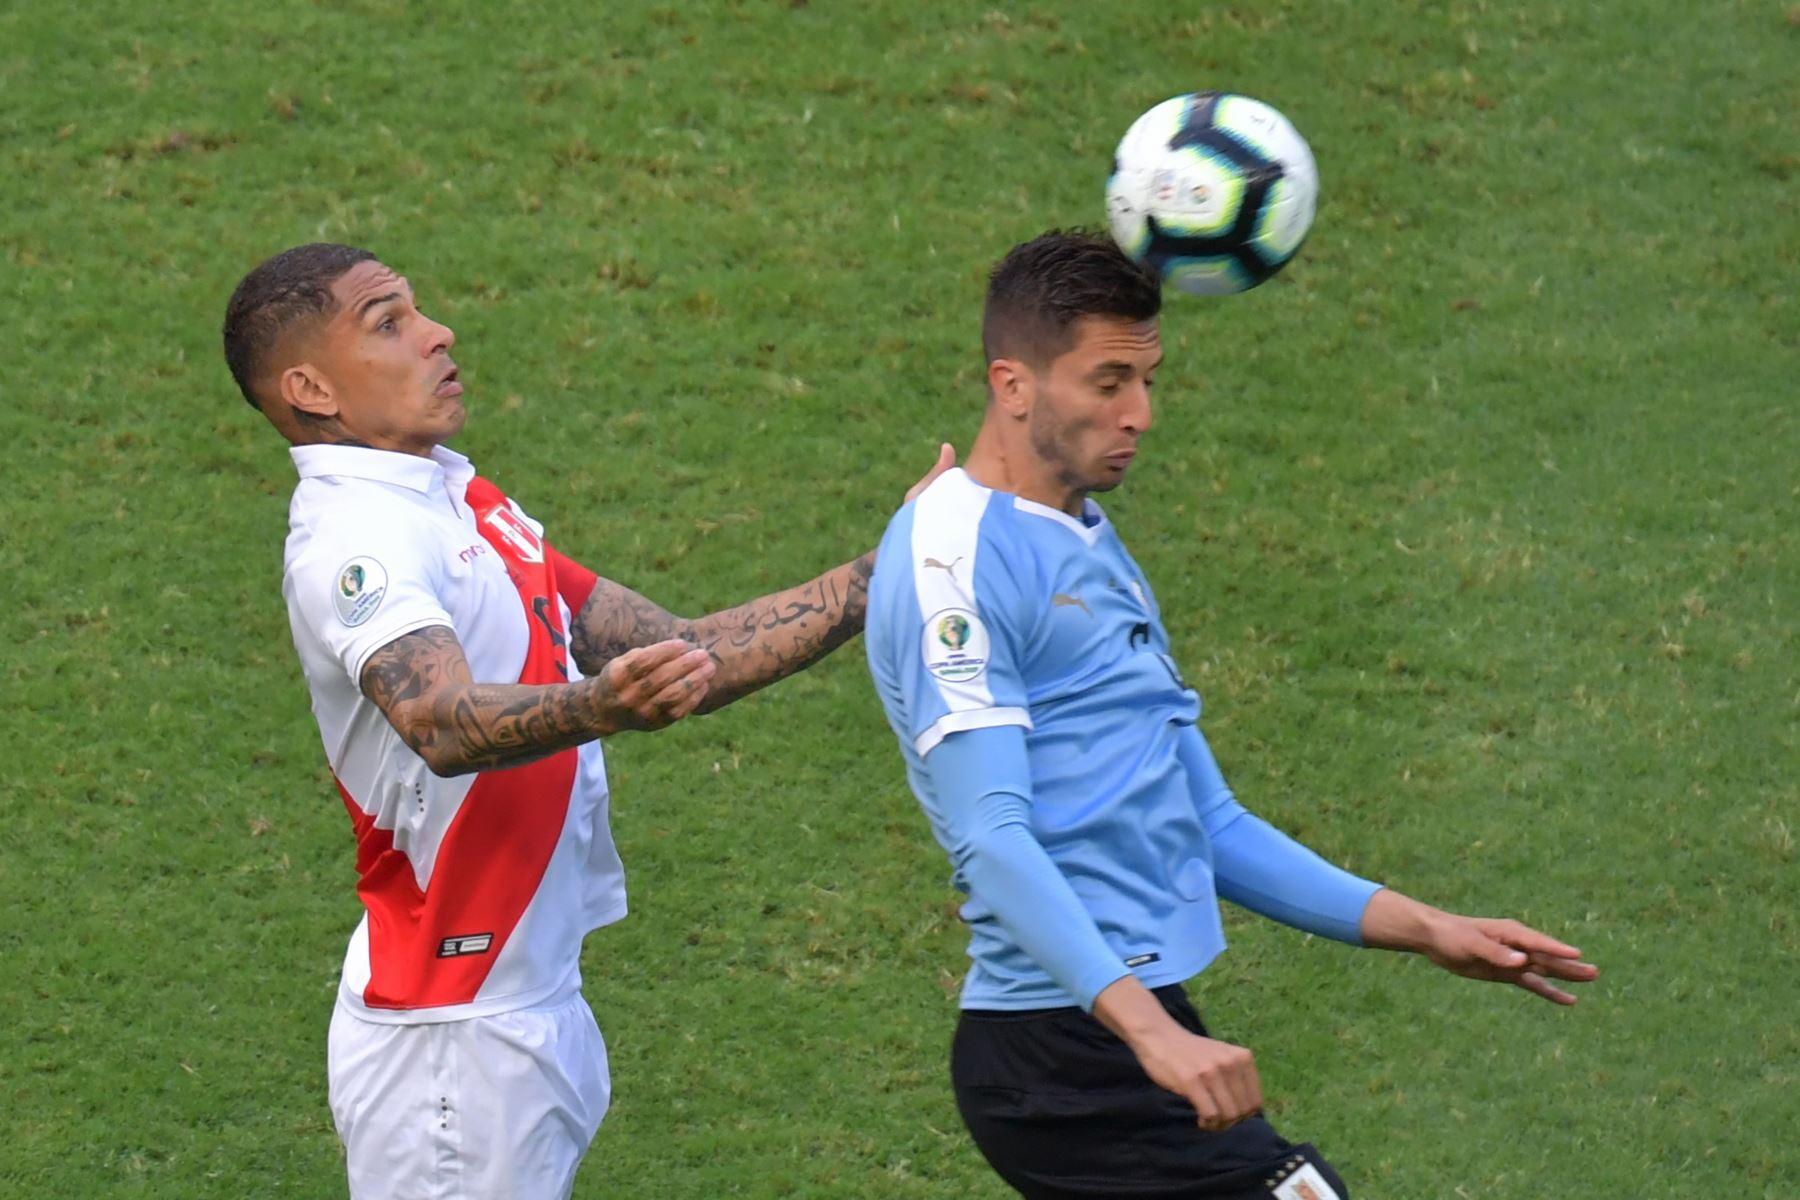 El peruano Paolo Guerrero (L) y el uruguayo Rodrigo Bentancur compiten por el balón durante su partido de los cuartos de final del torneo de fútbol de la Copa América en el Fonte Nova Arena en Salvador, Brasil. Foto: AFP